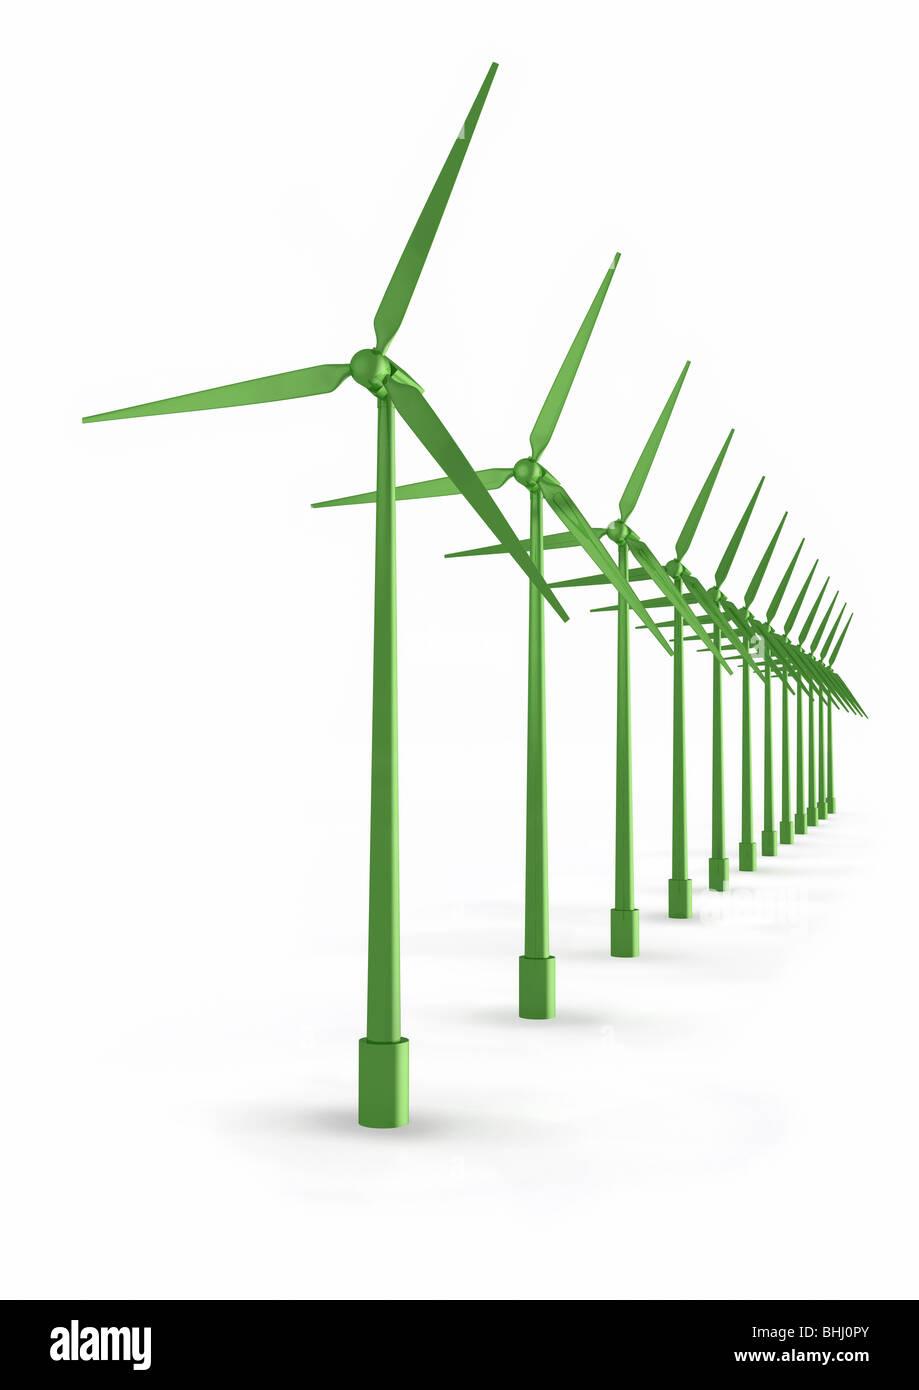 Windmühlen auf weißem Hintergrund - Windkraftanlagen Auf weiss Stockbild